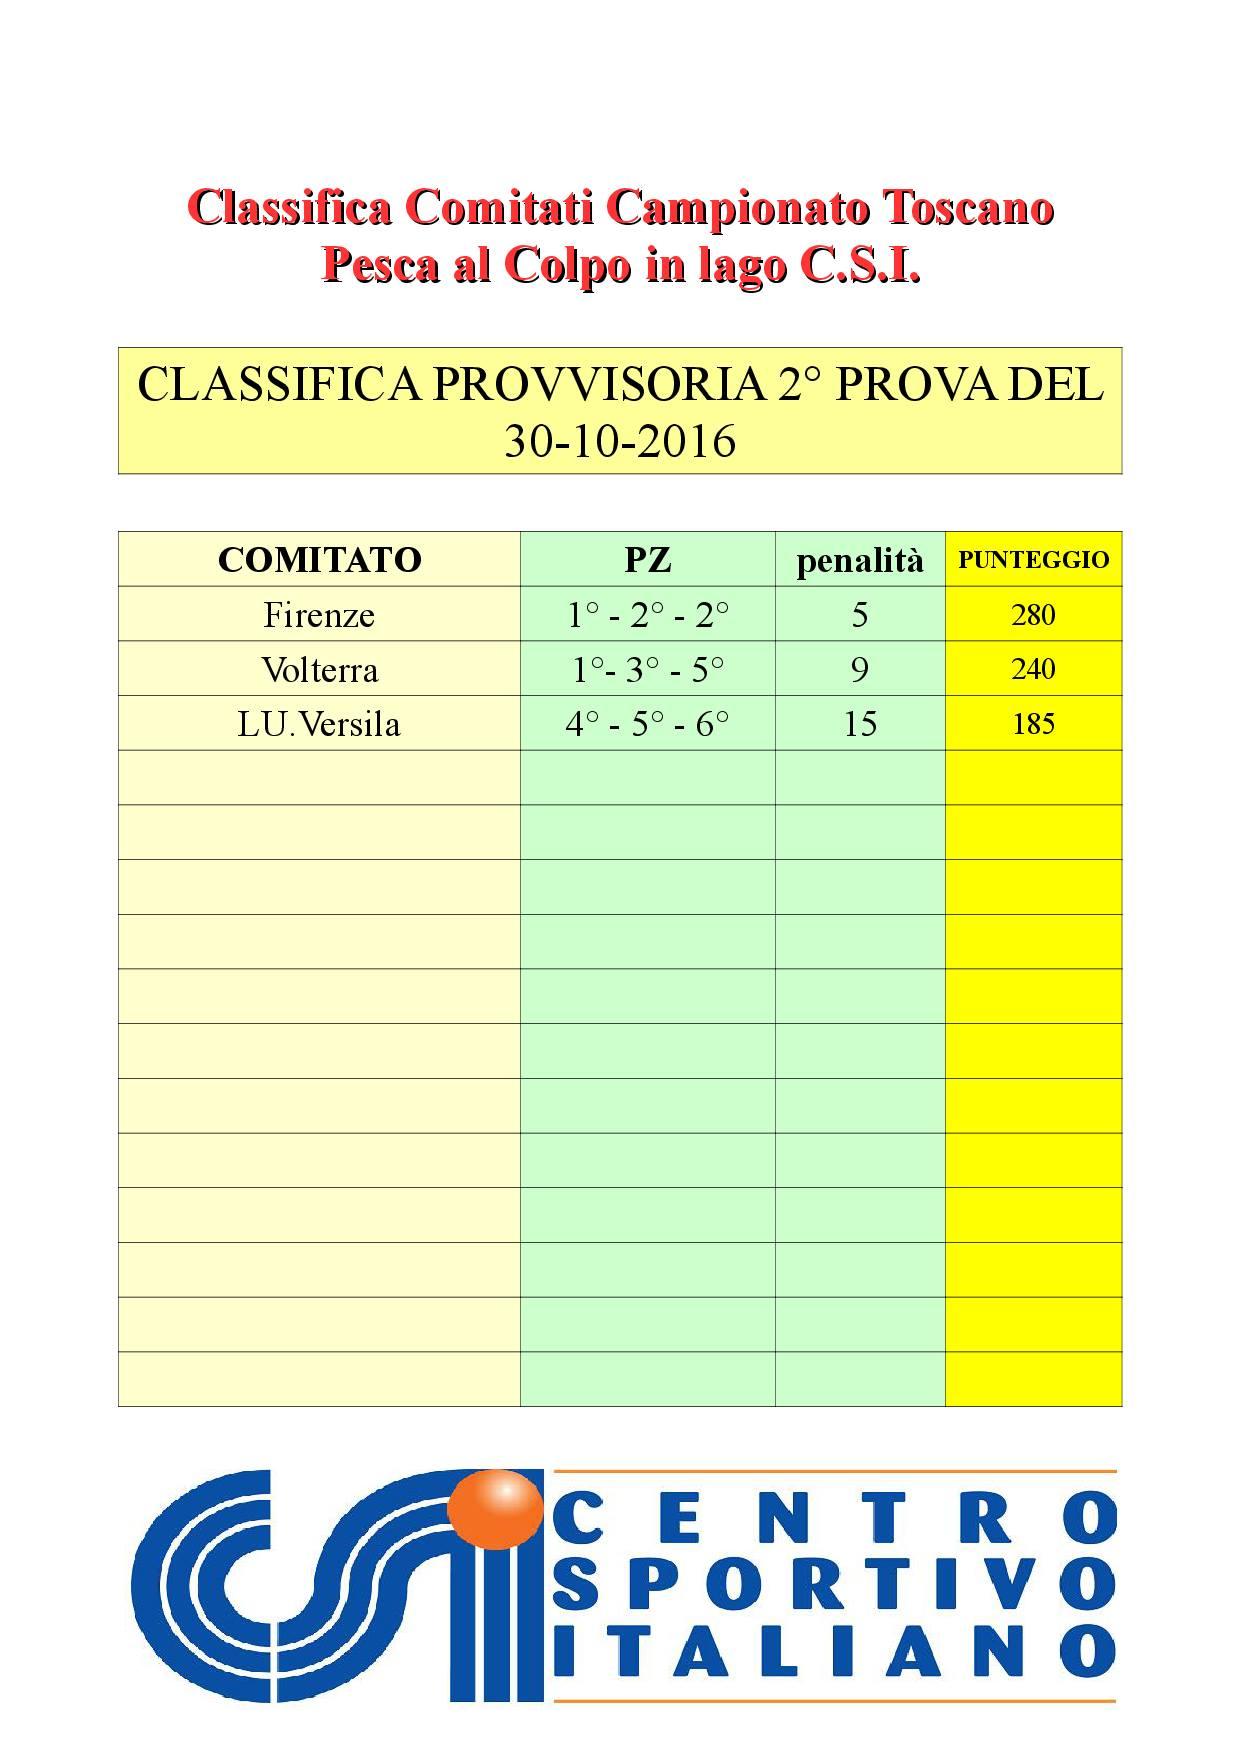 classifica-x-comitati-2a-prova